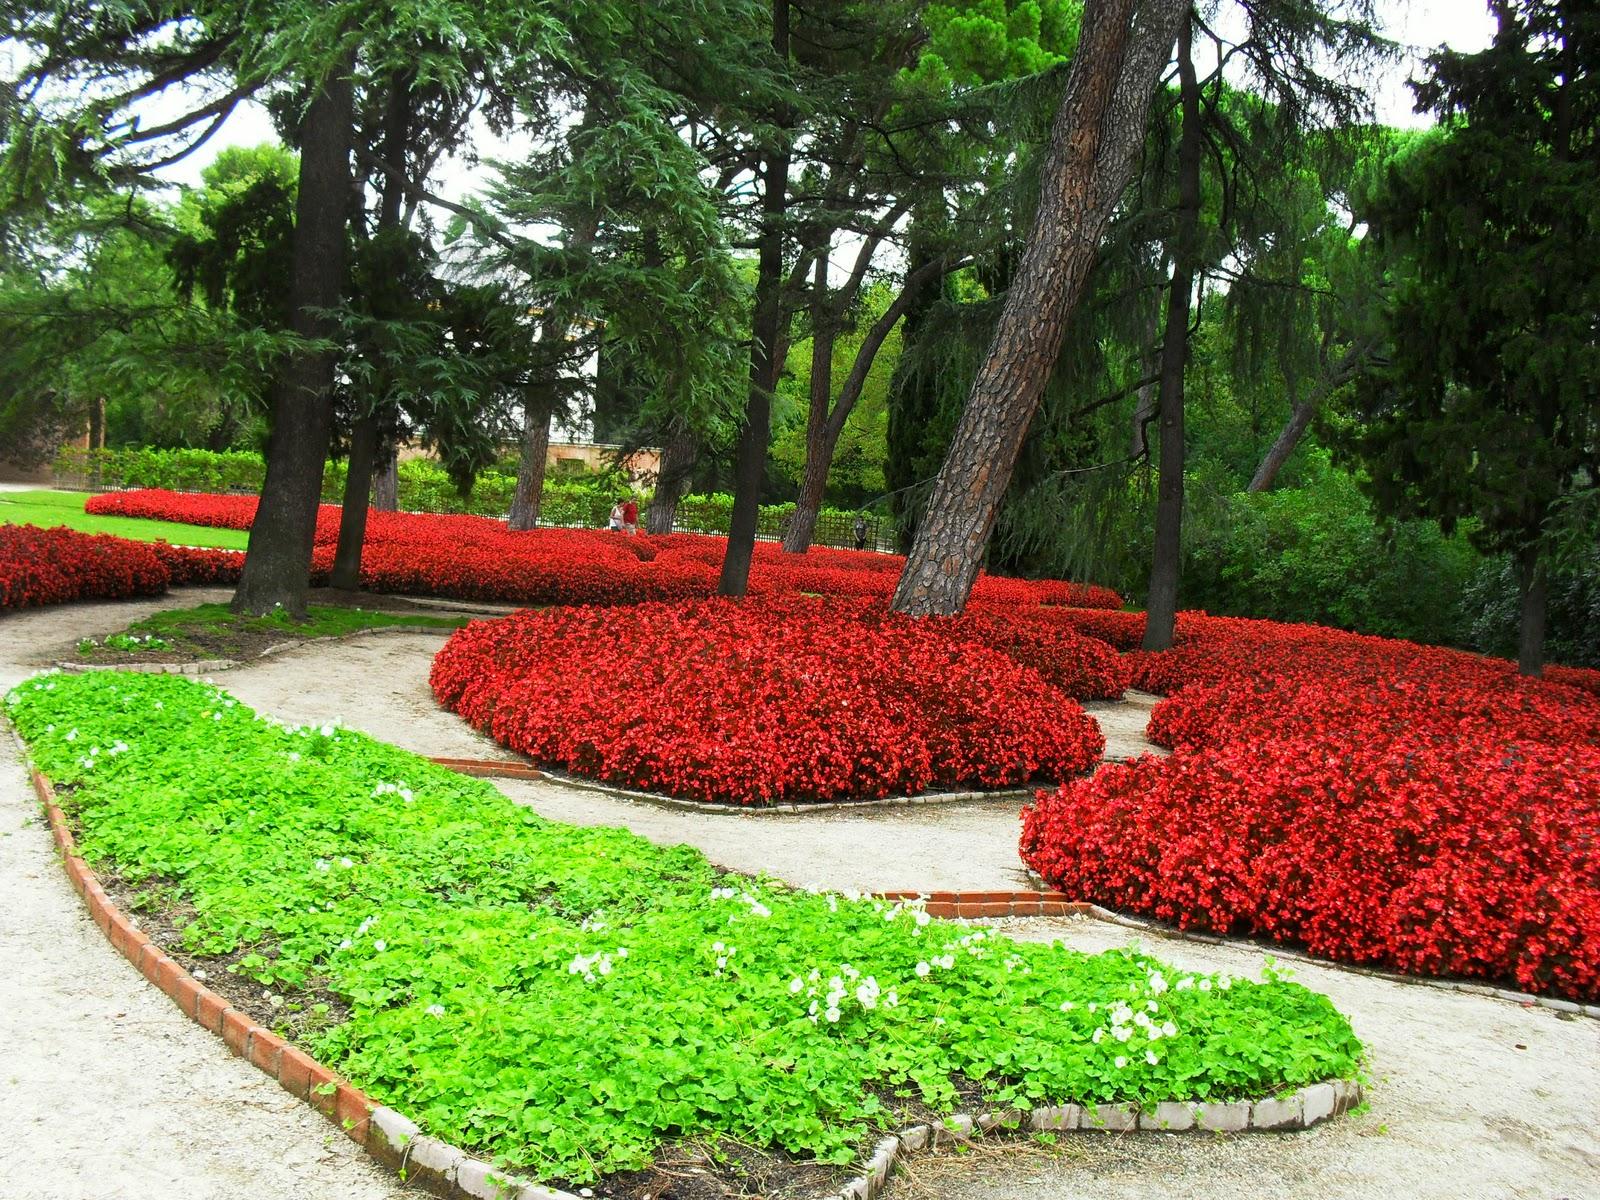 Arte y jardiner a decisiones a tomar en dise o de jardines for Diseno jardines